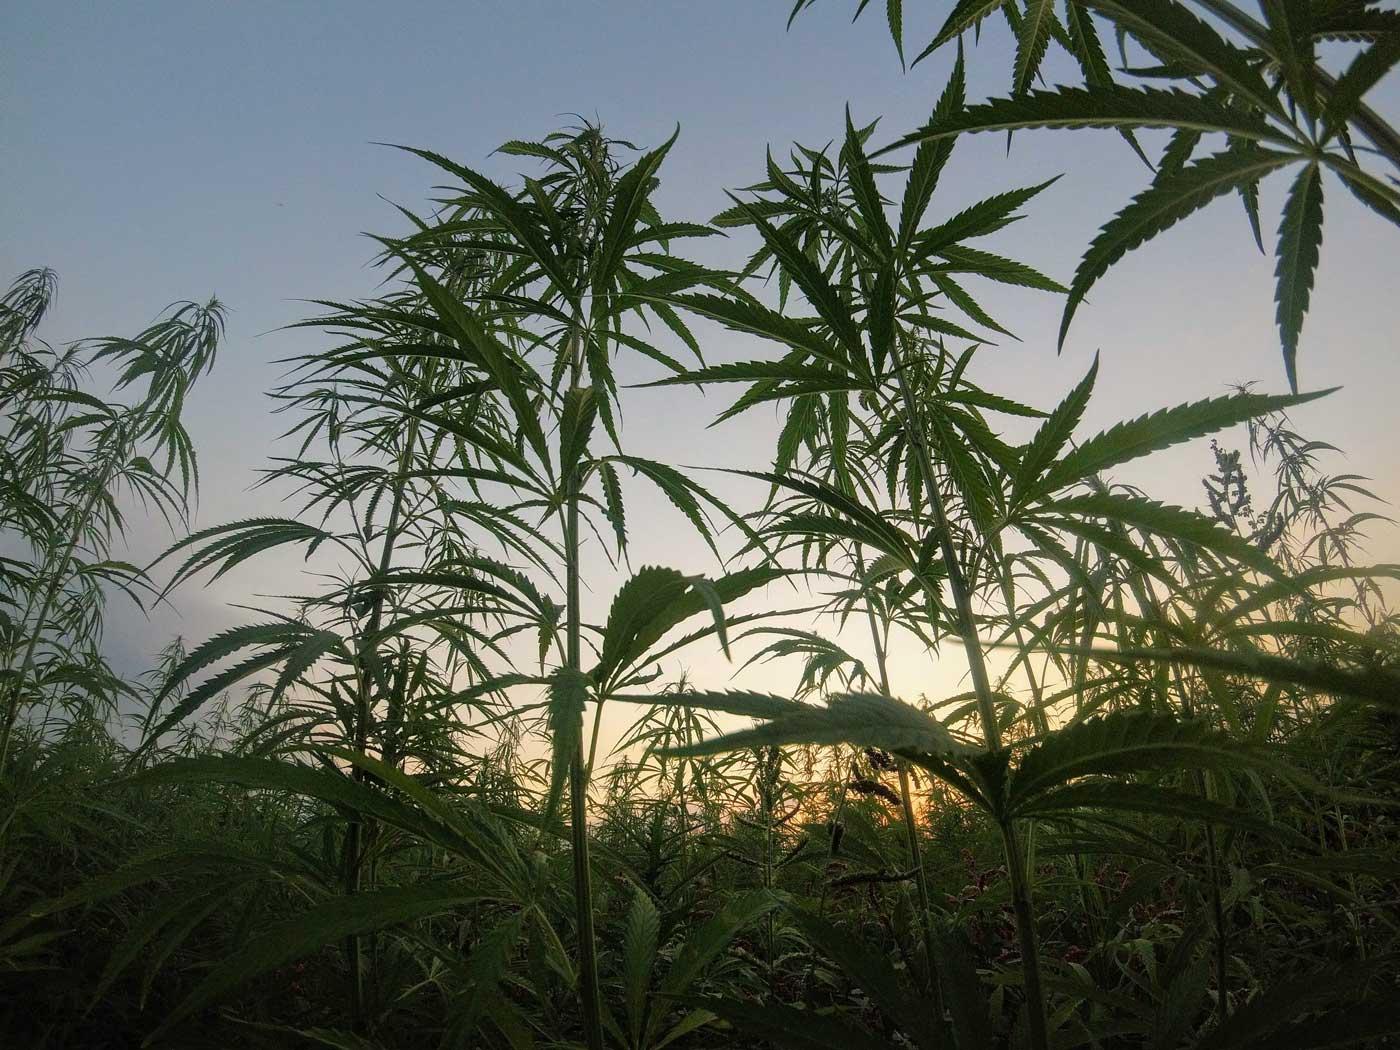 Cannabis plants growing in field